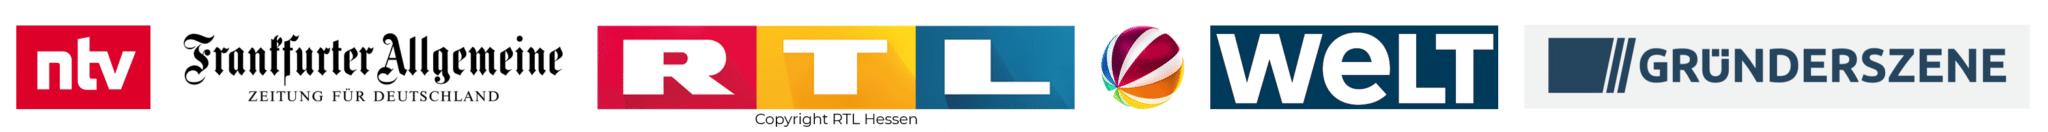 Logos der Medien, die über Connfair berichtet haben: unter anderem ntv, FAZ, RTL, die Welt, Sat1 und Gründerszene.